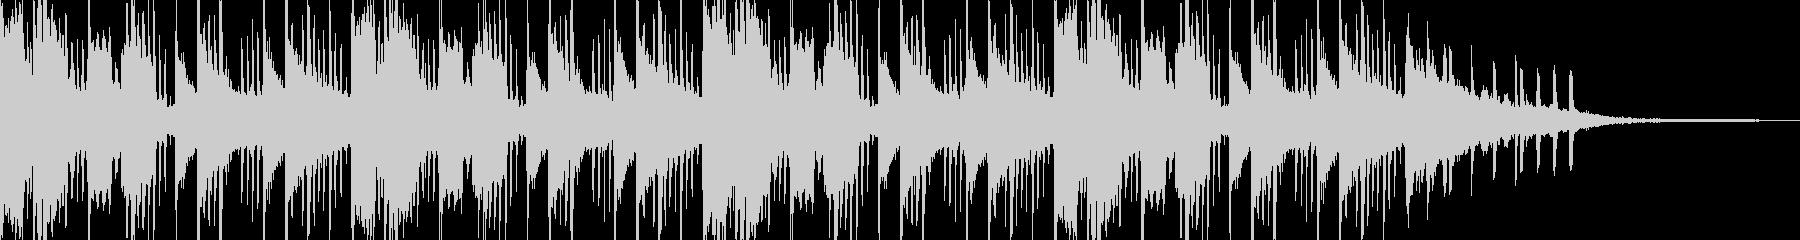 ベッドルームmusic⑥(チルトラップ)の未再生の波形